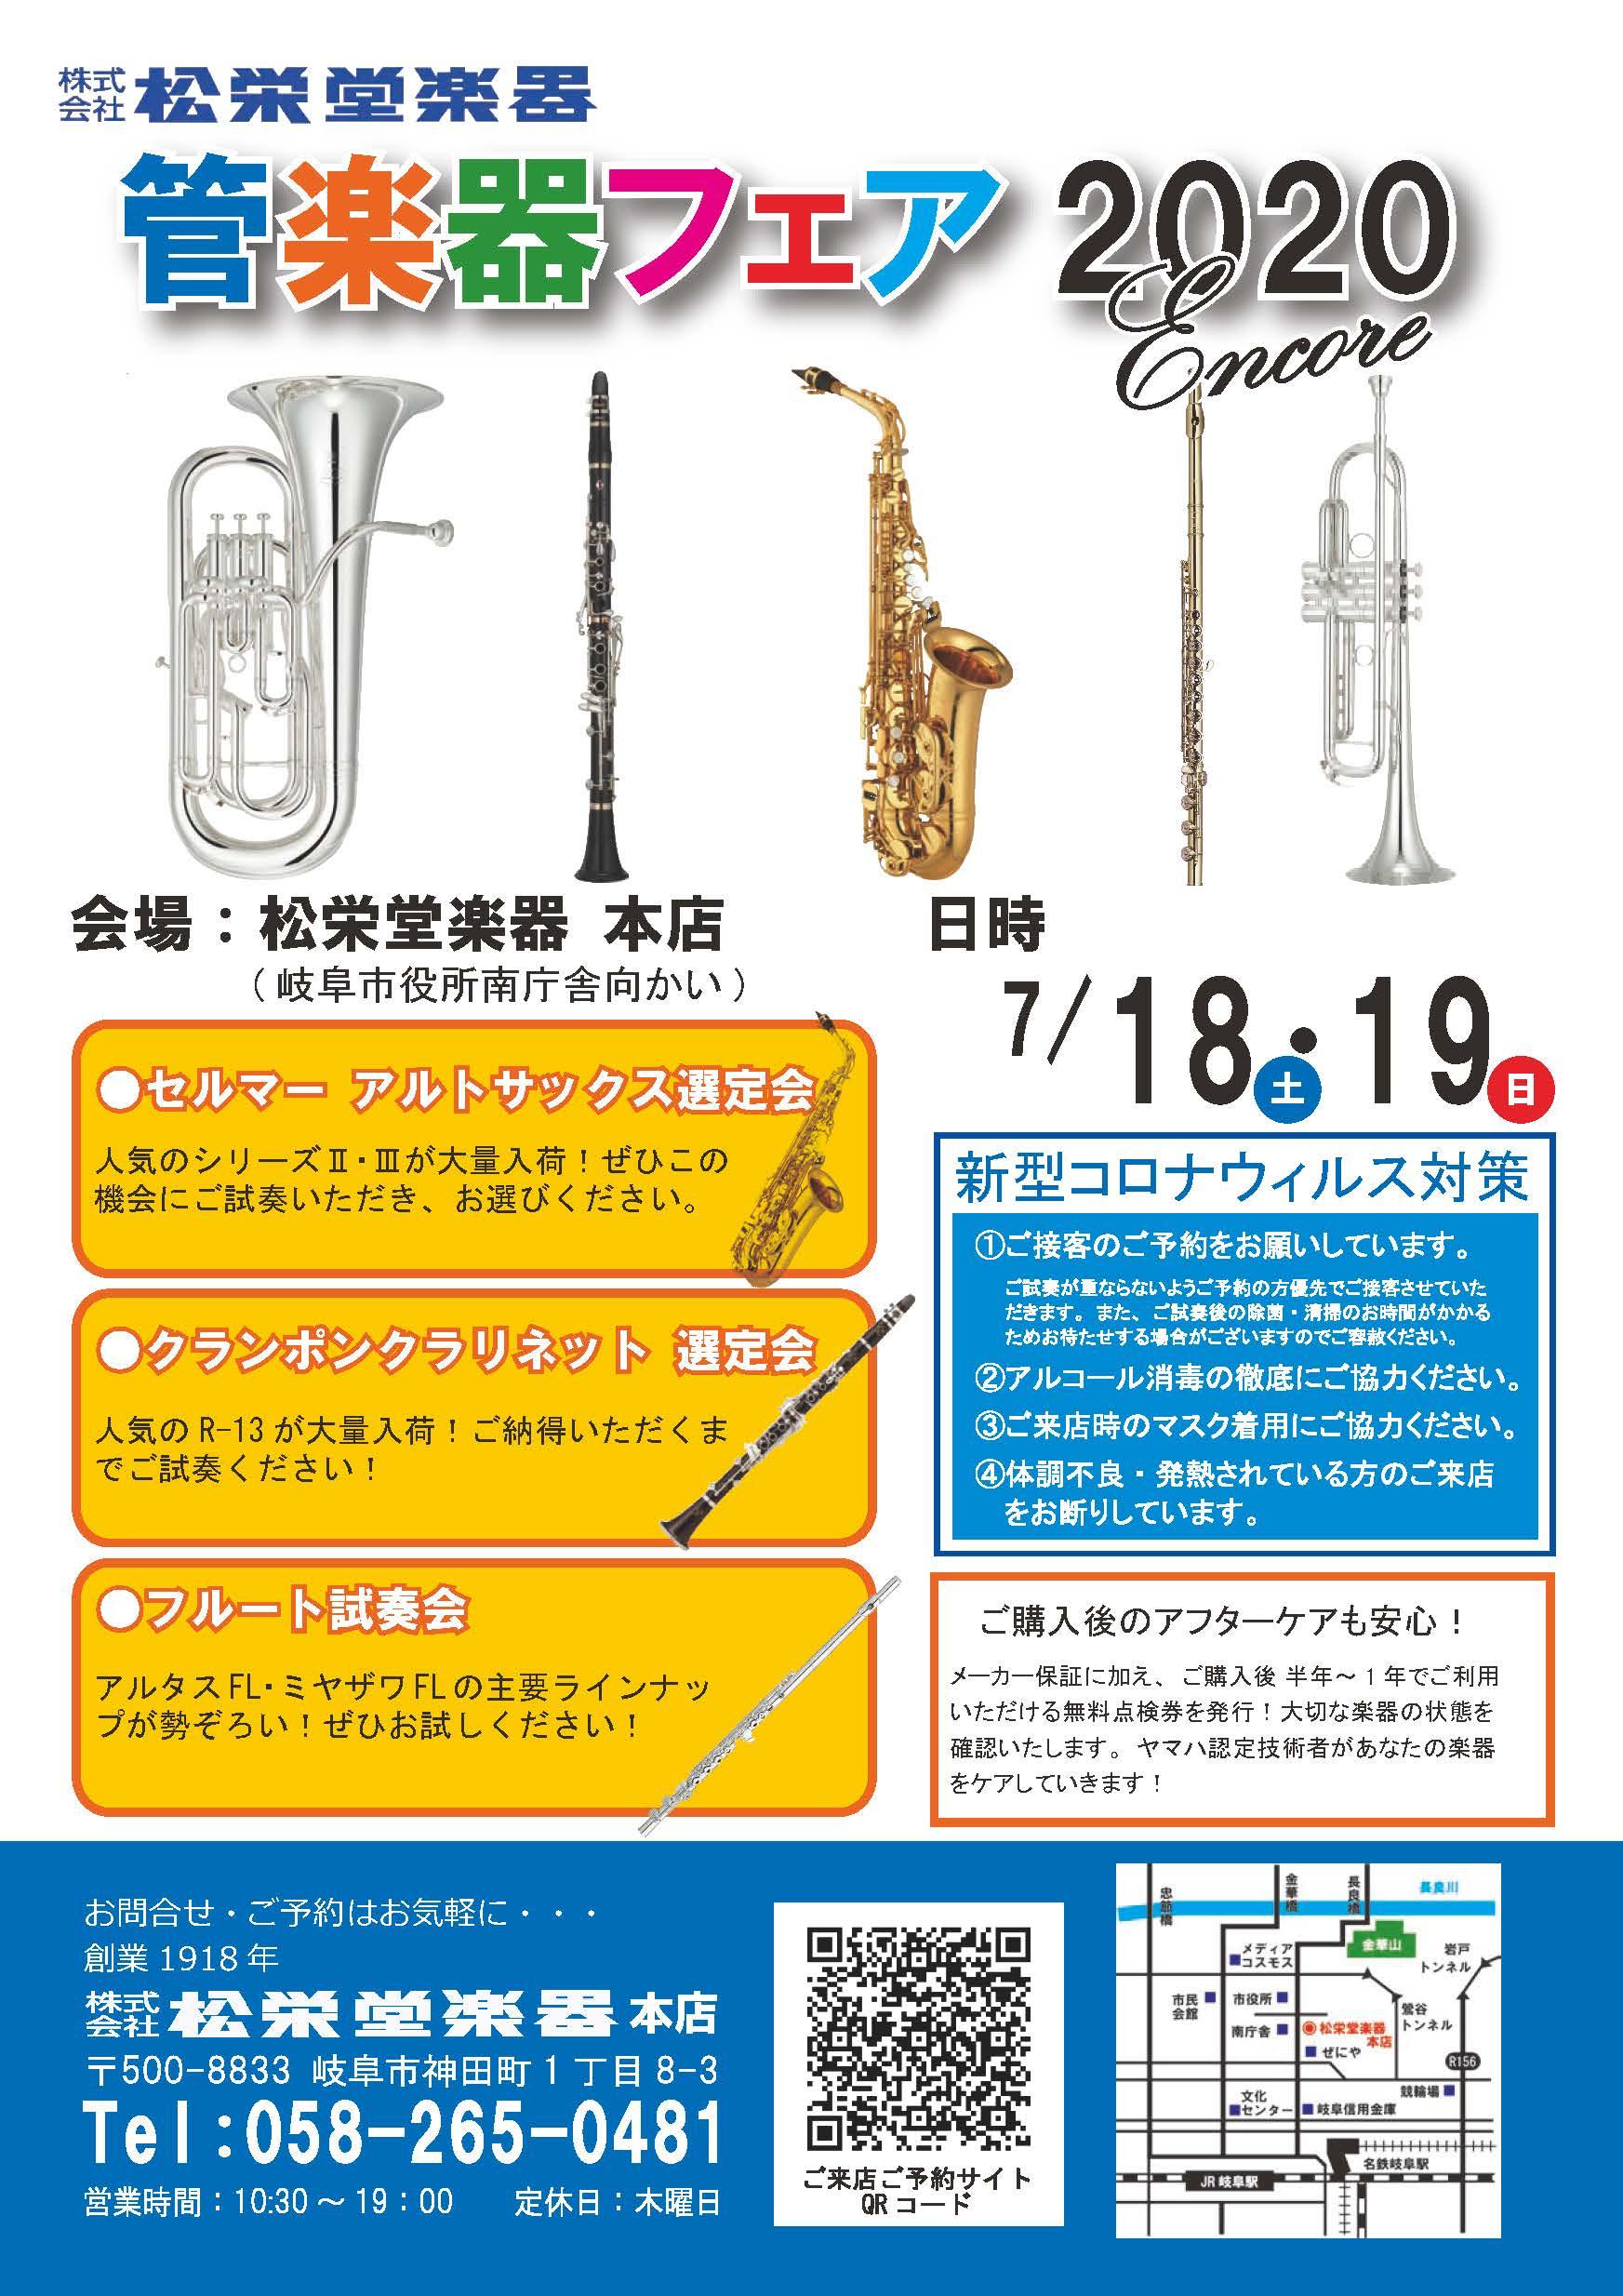 管楽器フェア2020 アンコール